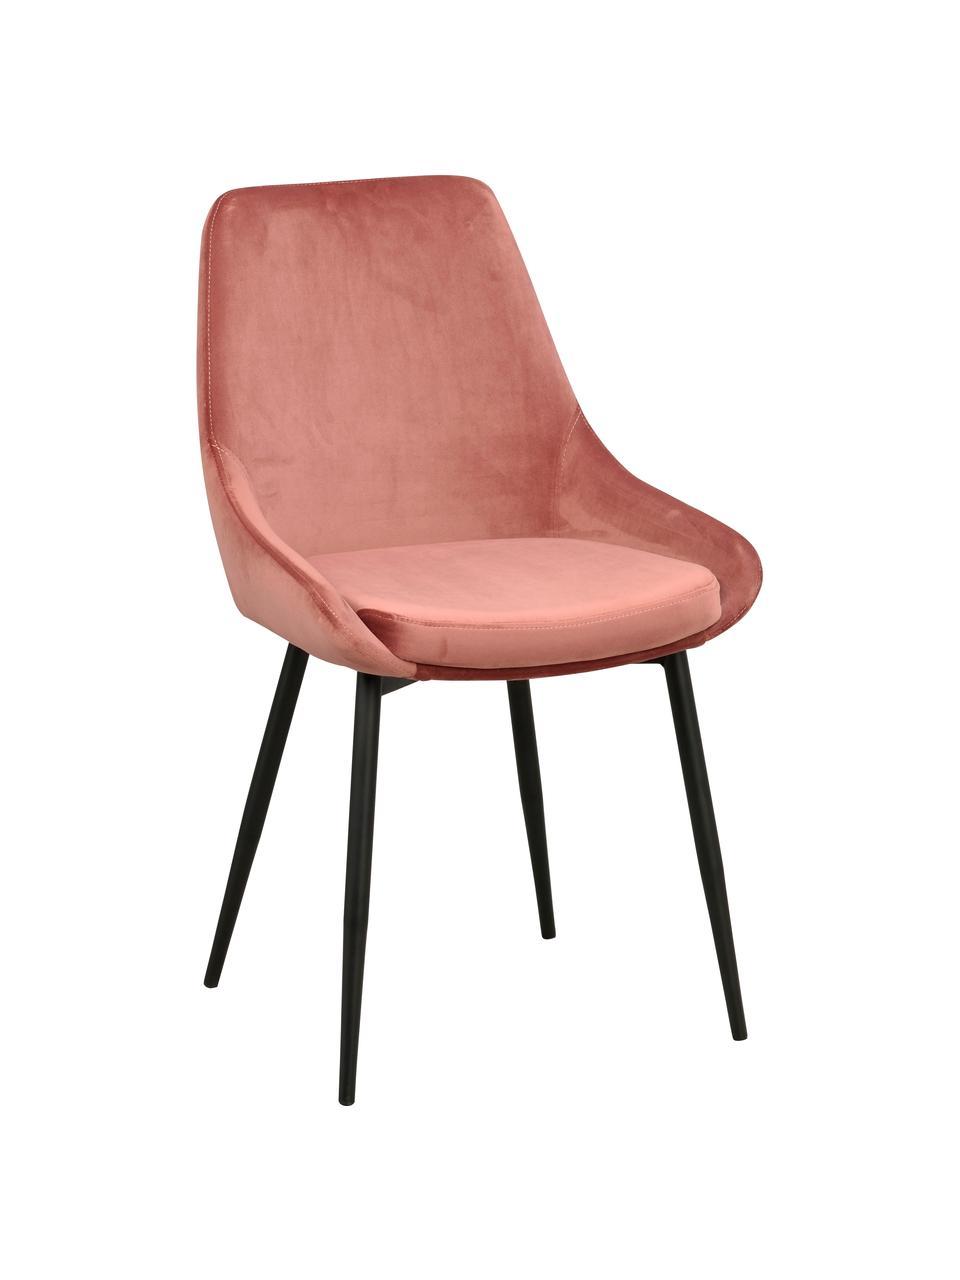 Chaise rembourrée en velours Sierra, 2pièces, Rose, noir